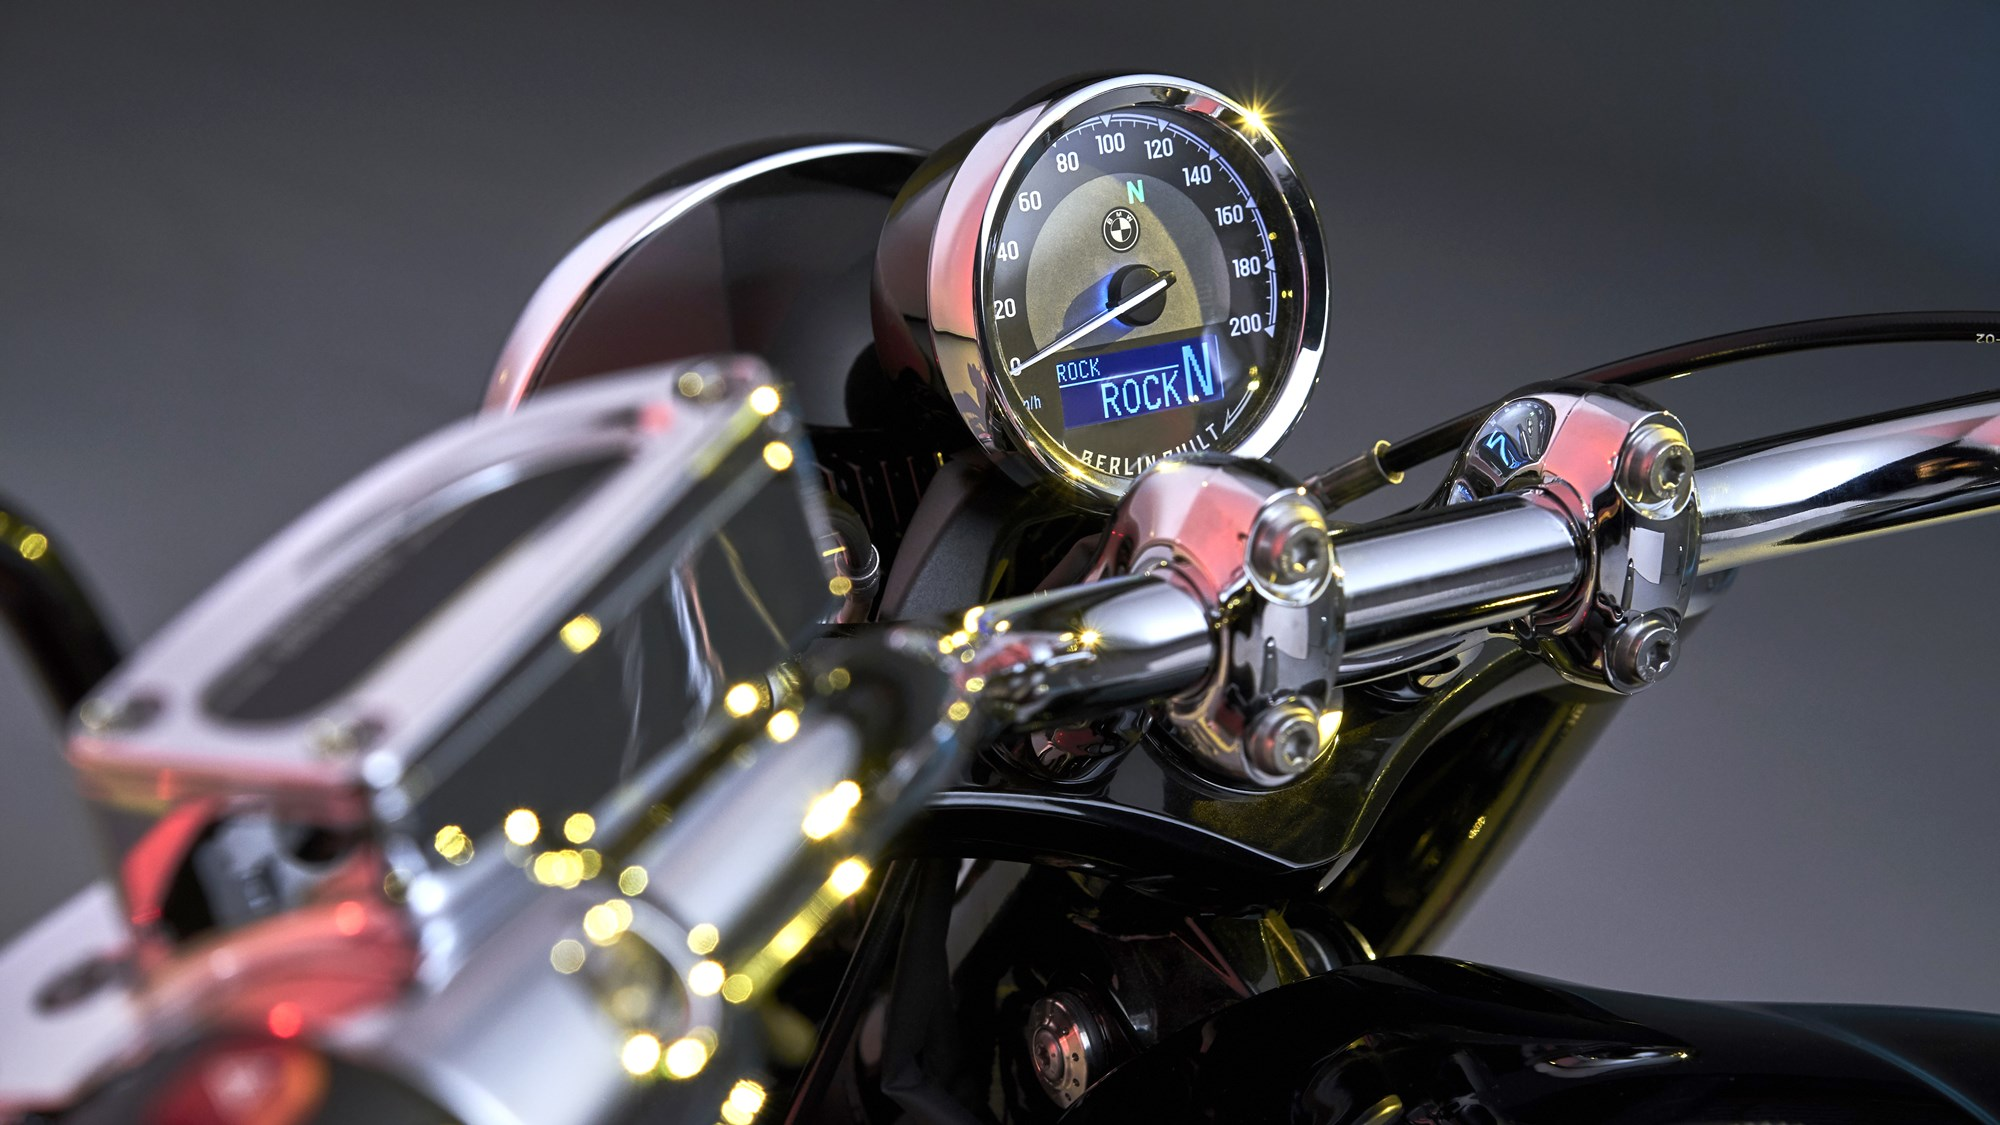 BMW R 18 cruiser boxer engine